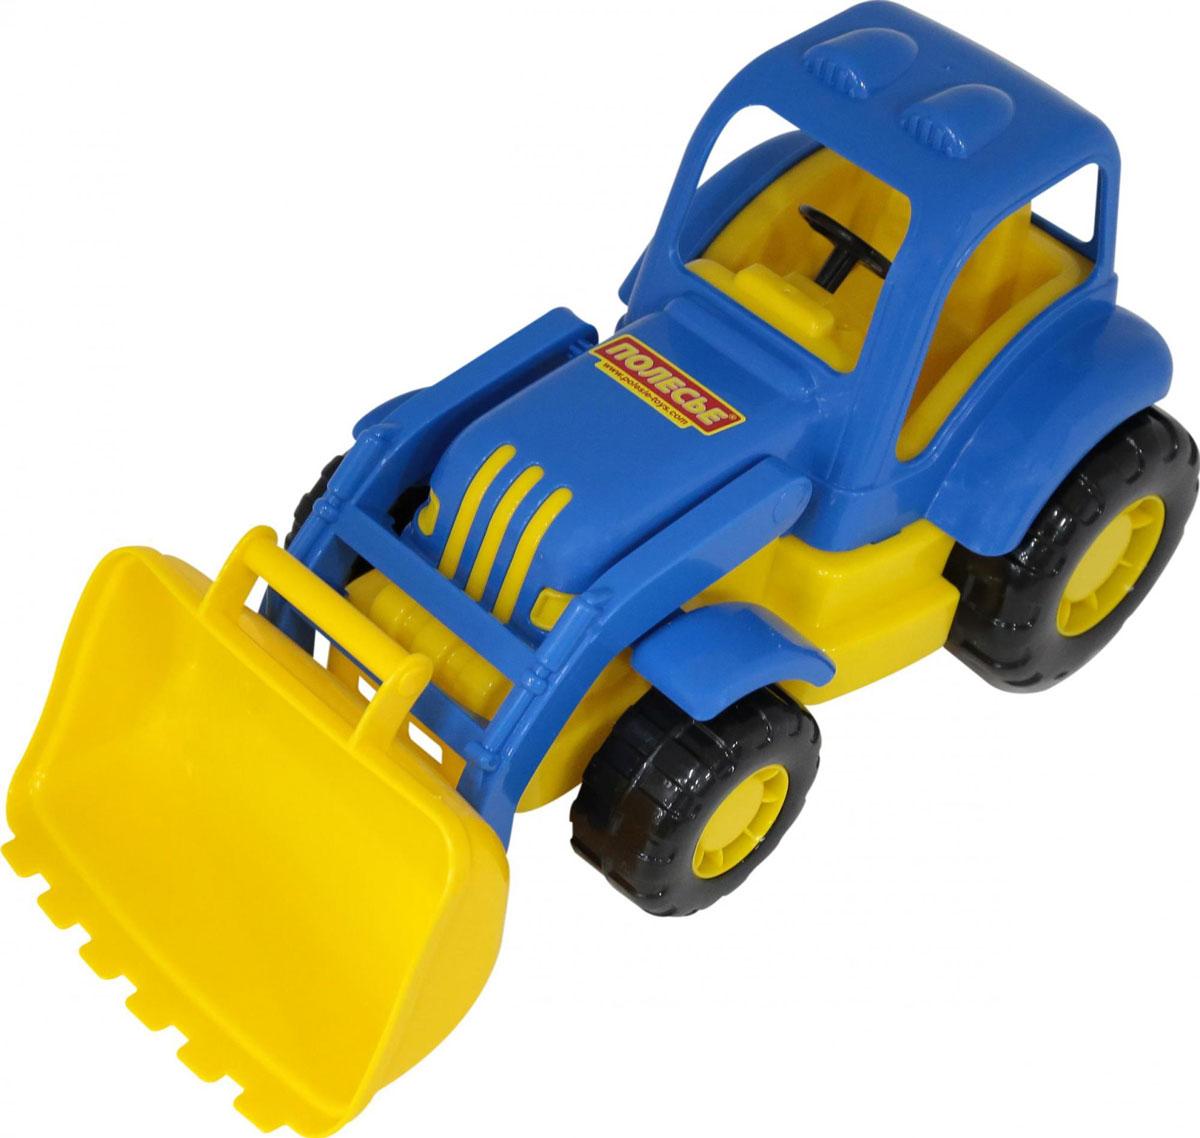 Полесье Трактор-погрузчик Силач машина детская полесье полесье набор автомобиль трейлер трактор погрузчик